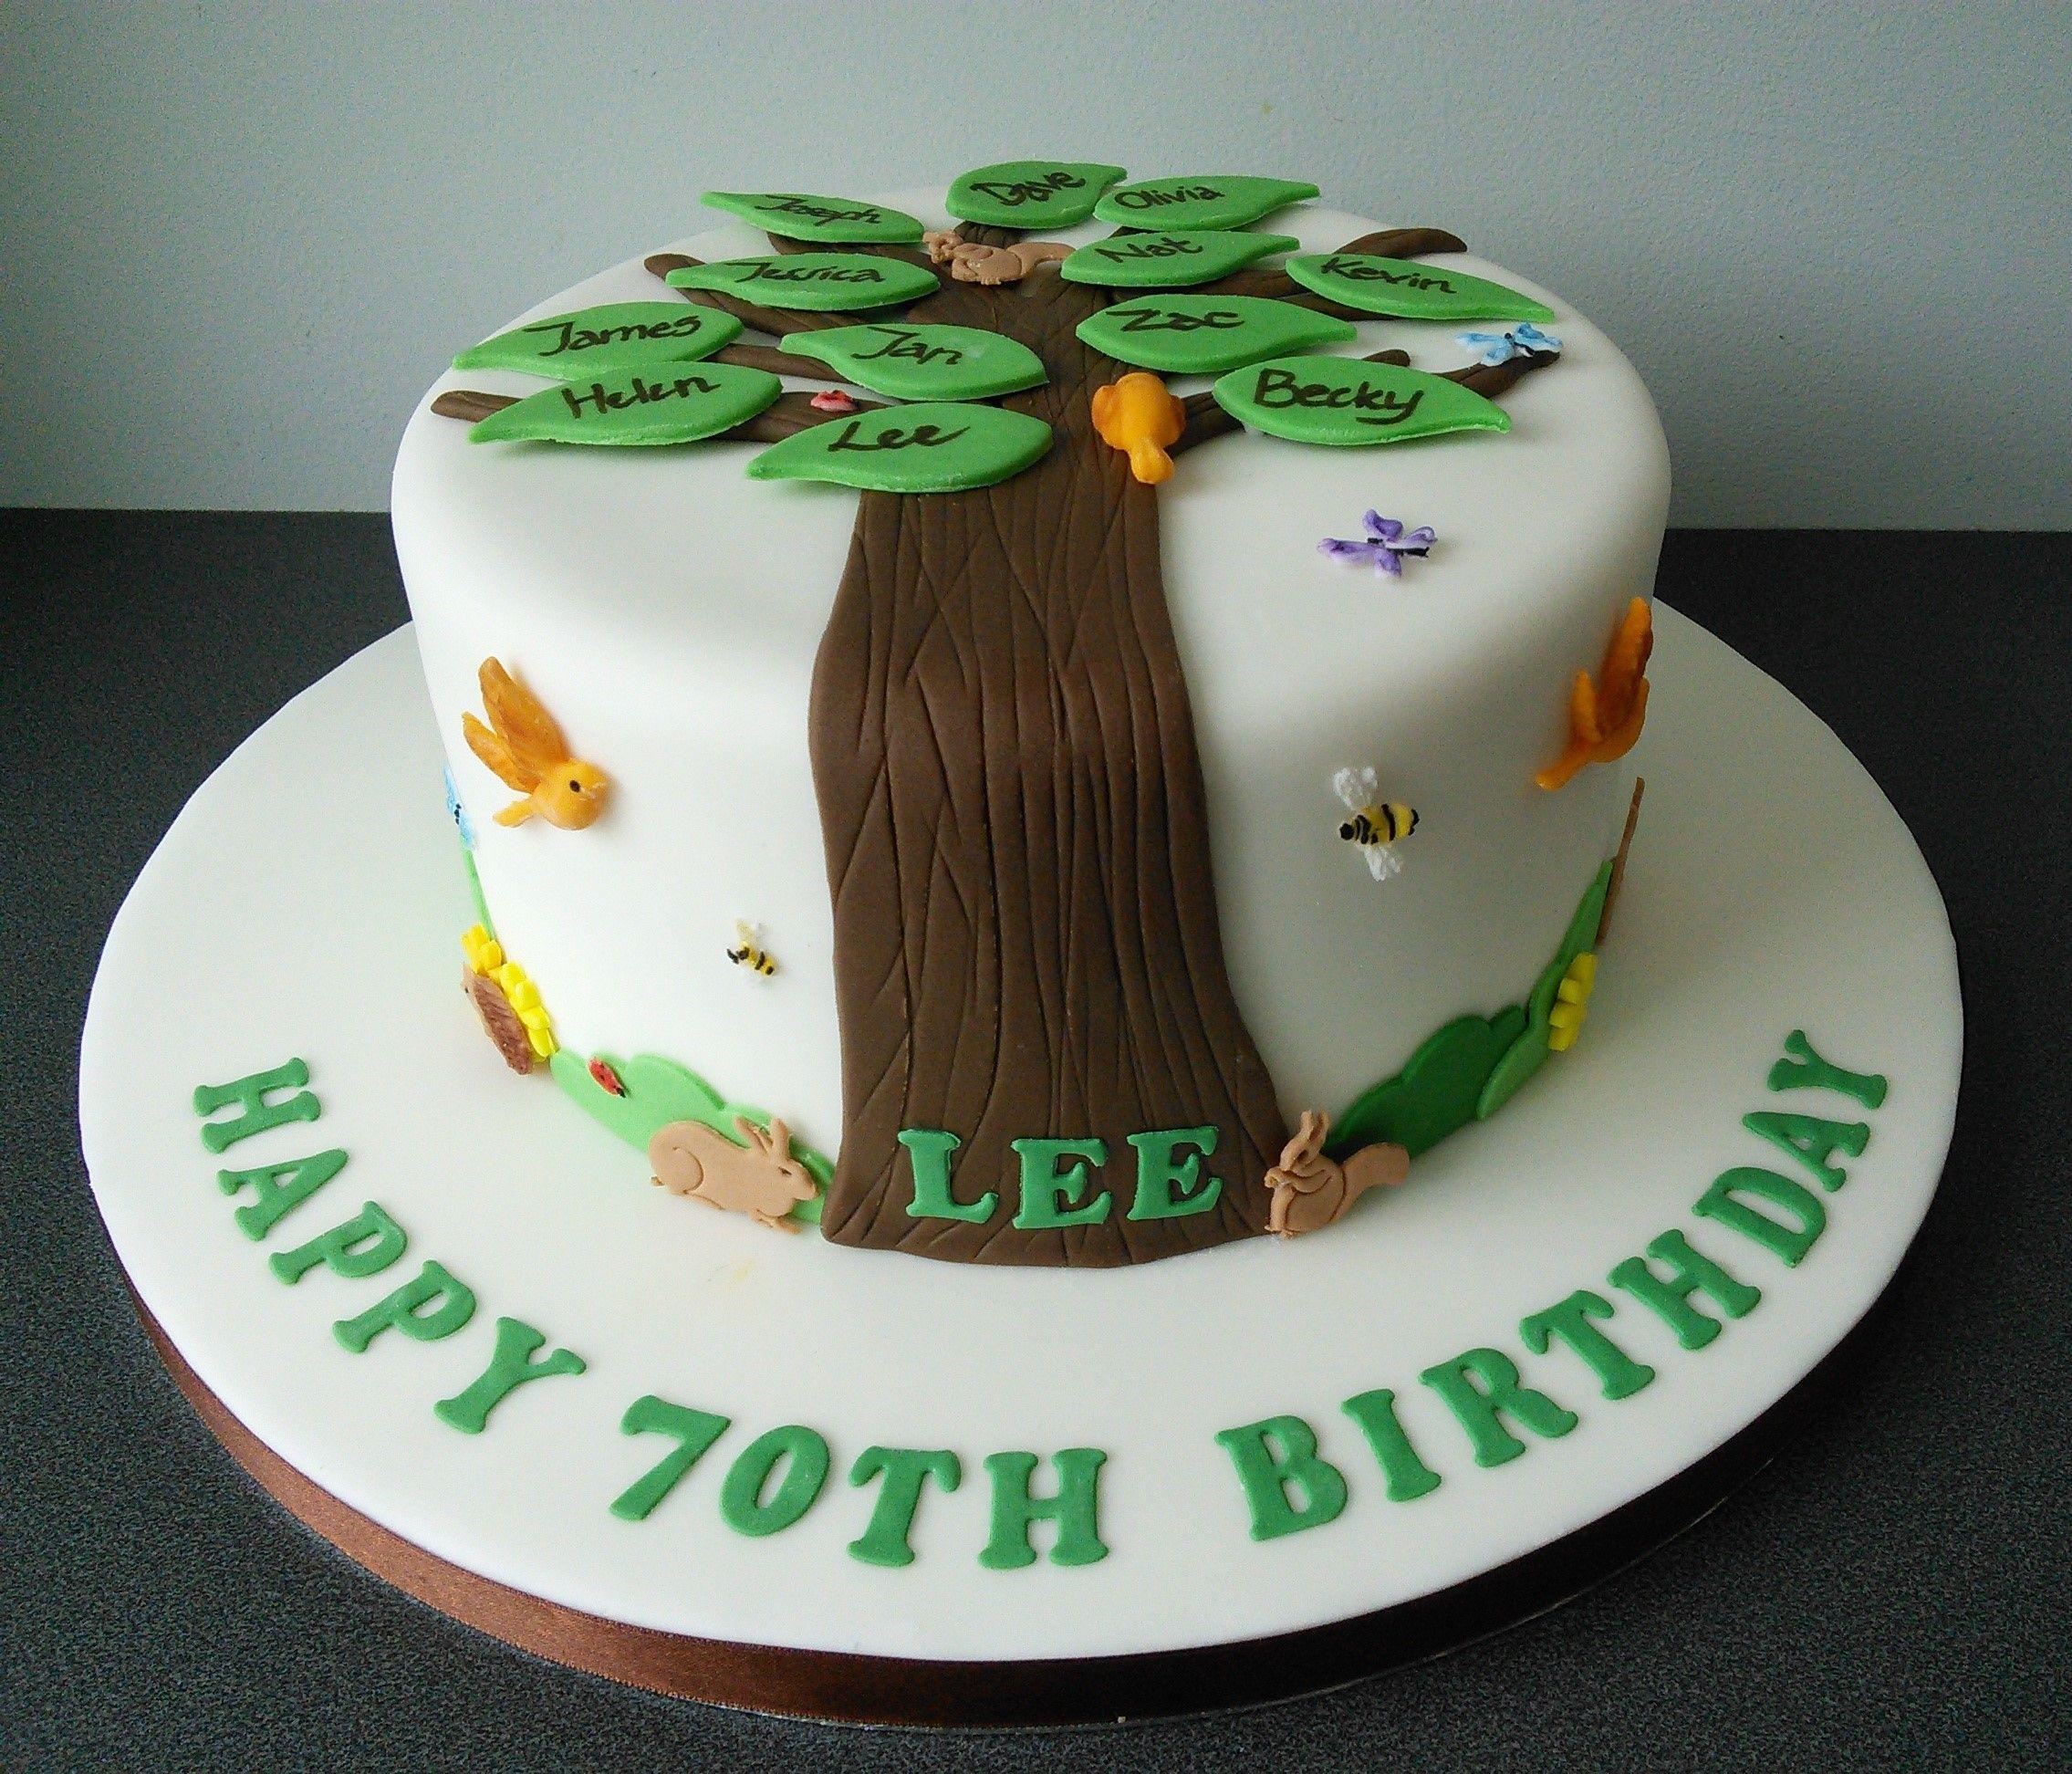 70th Birthday Family Tree Cake